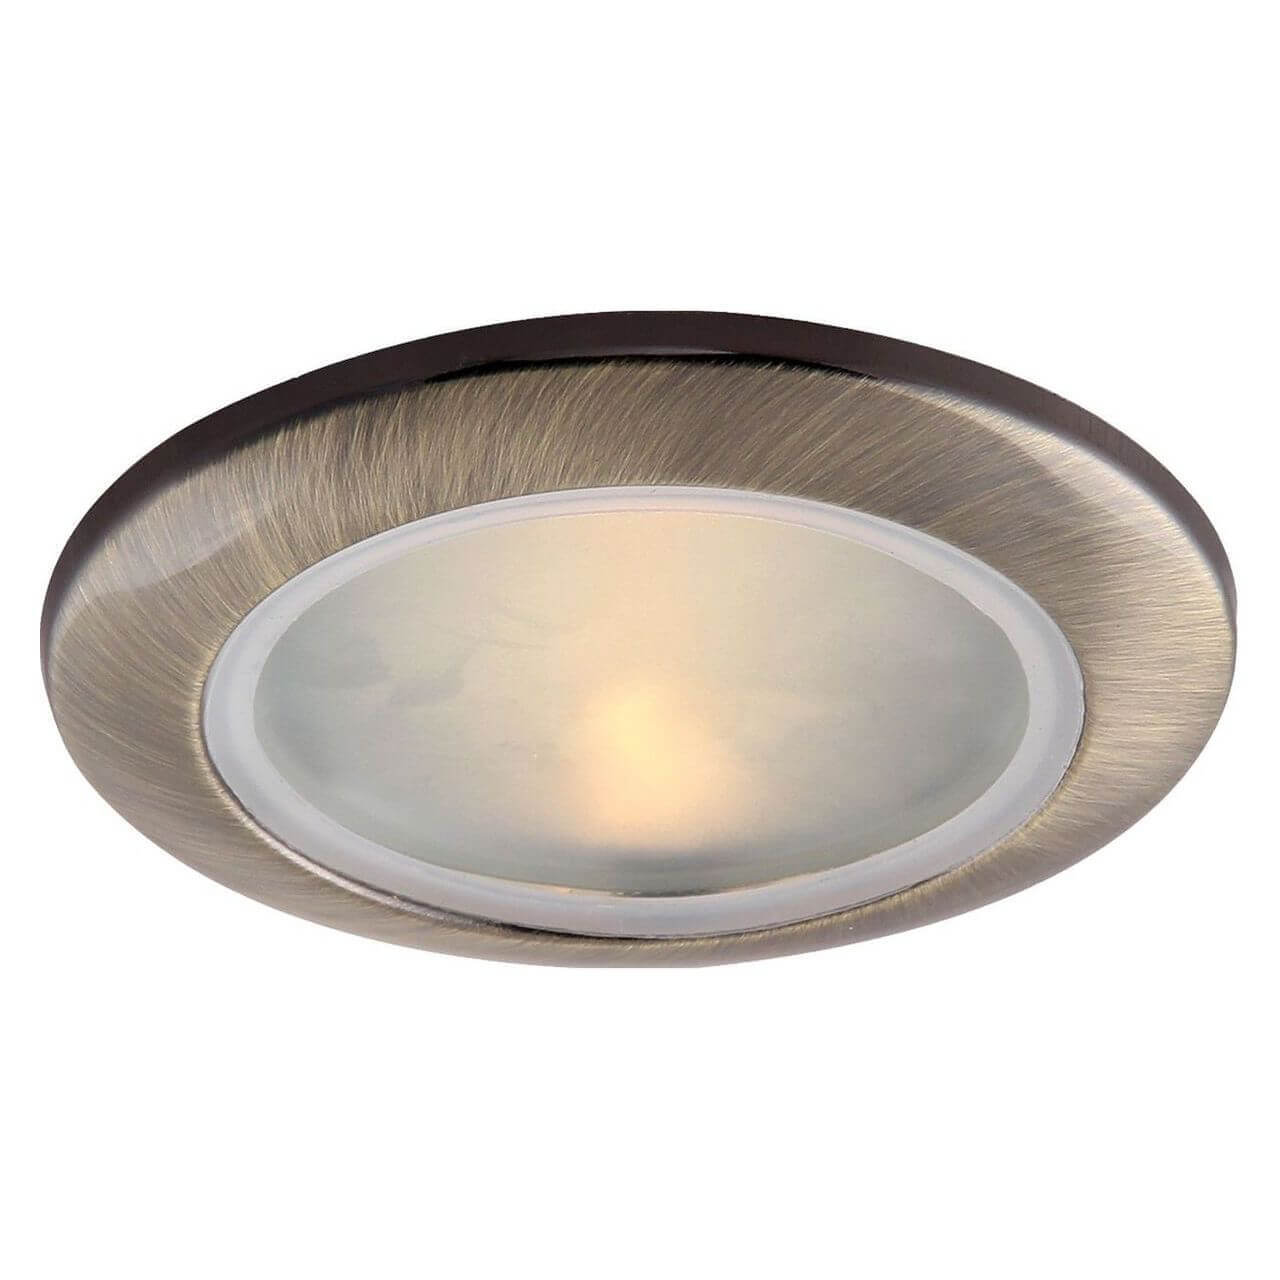 Светильник Arte Lamp A2024PL-1AB Aqua arte lamp встраиваемый светильник aqua a2024pl 1wh